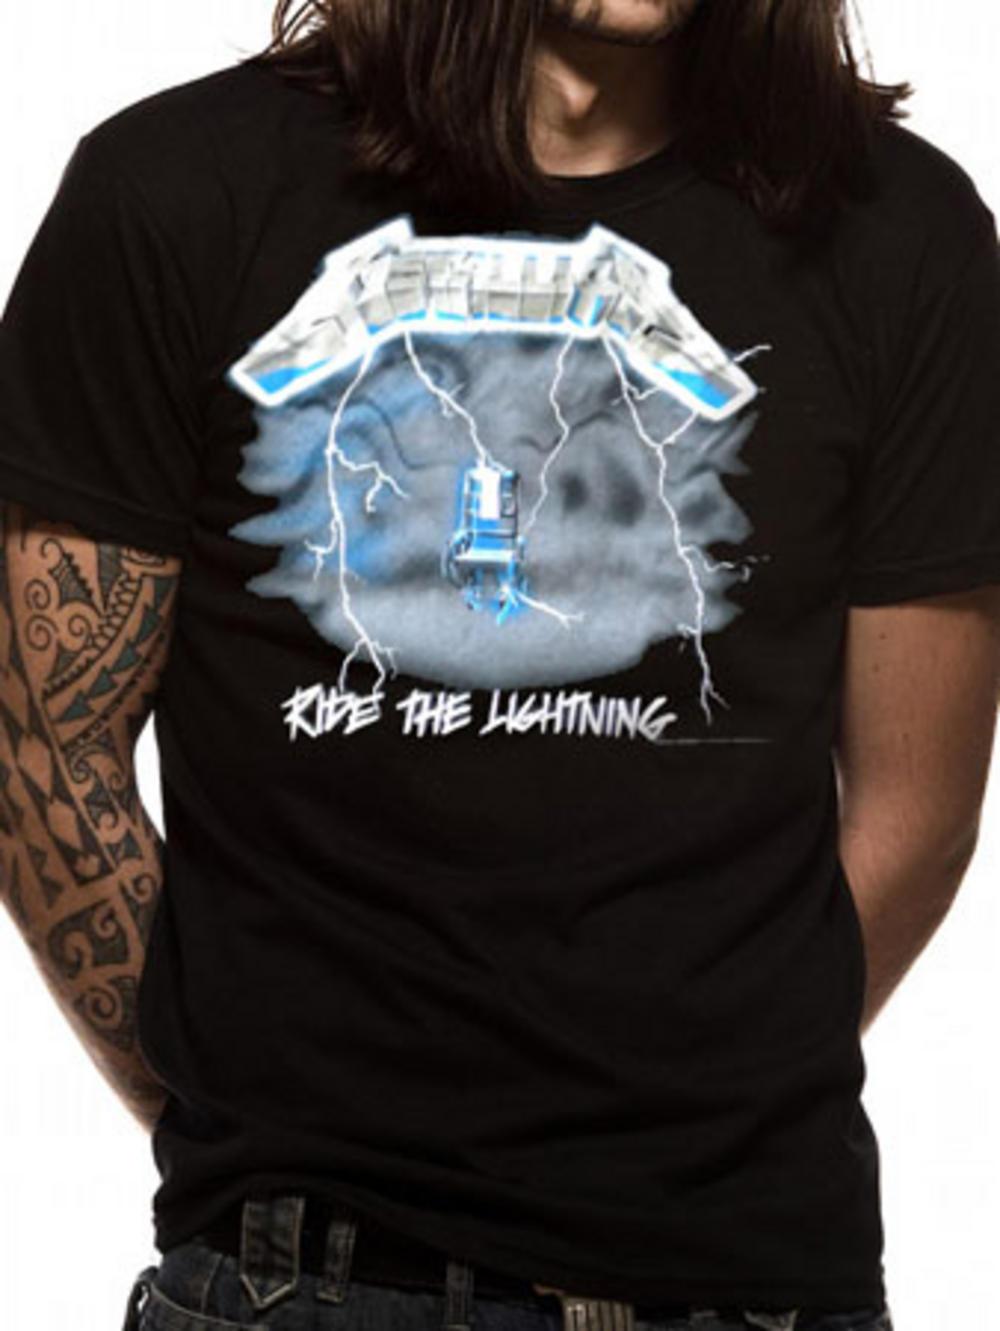 Metallica (Ride The Lightning) T-Shirt